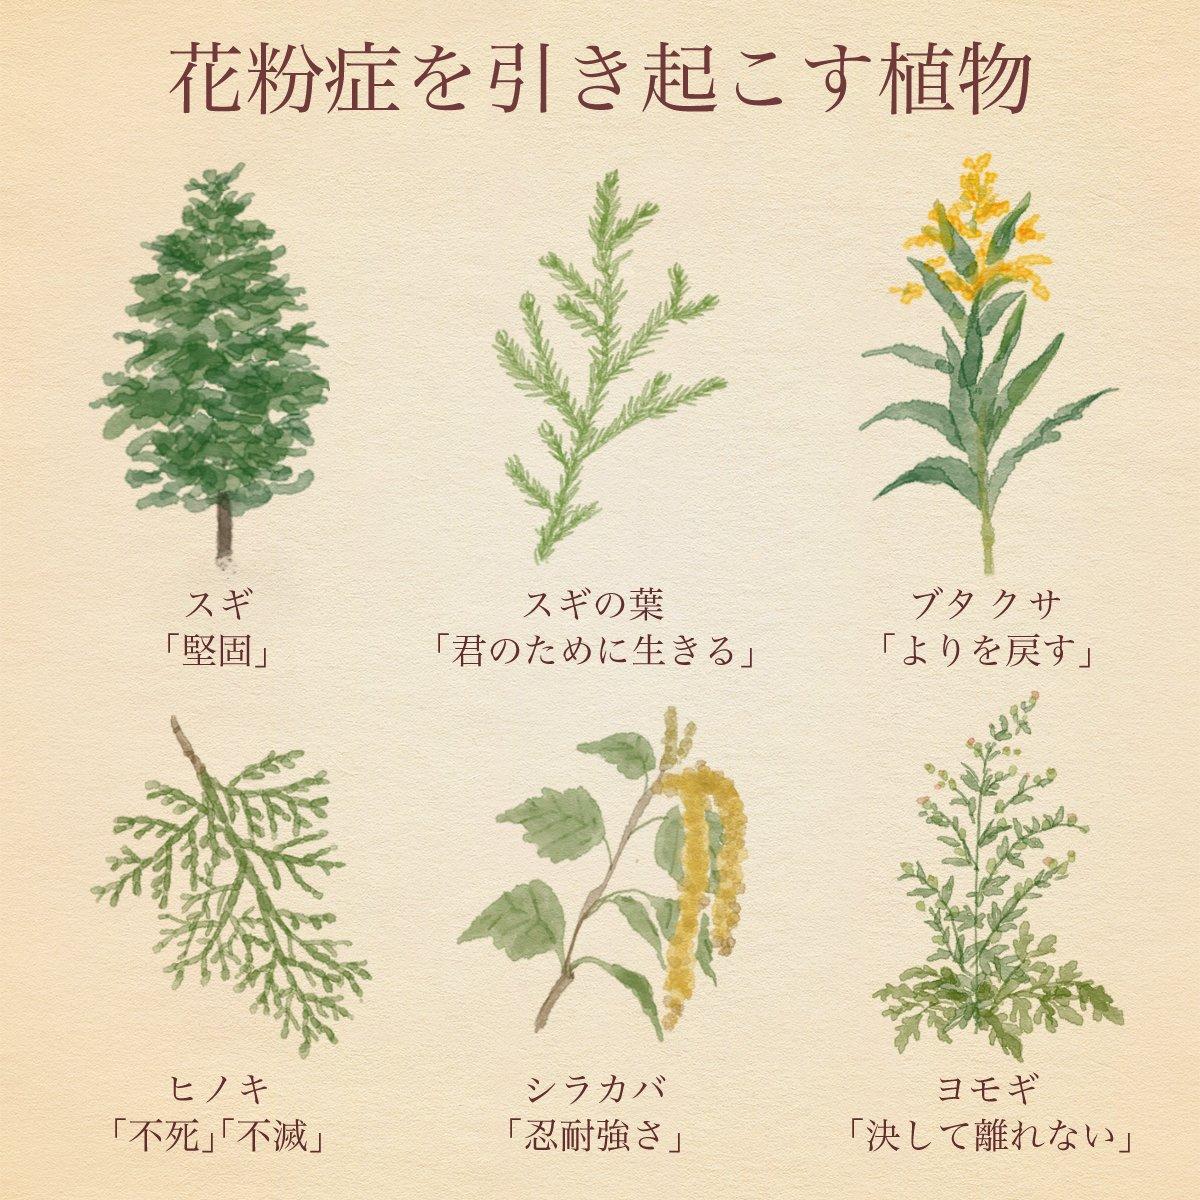 寒さが去ると花粉が来る。 花粉症を引き起こす植物の花言葉を見ると、もう彼らとは別れられない気がする。